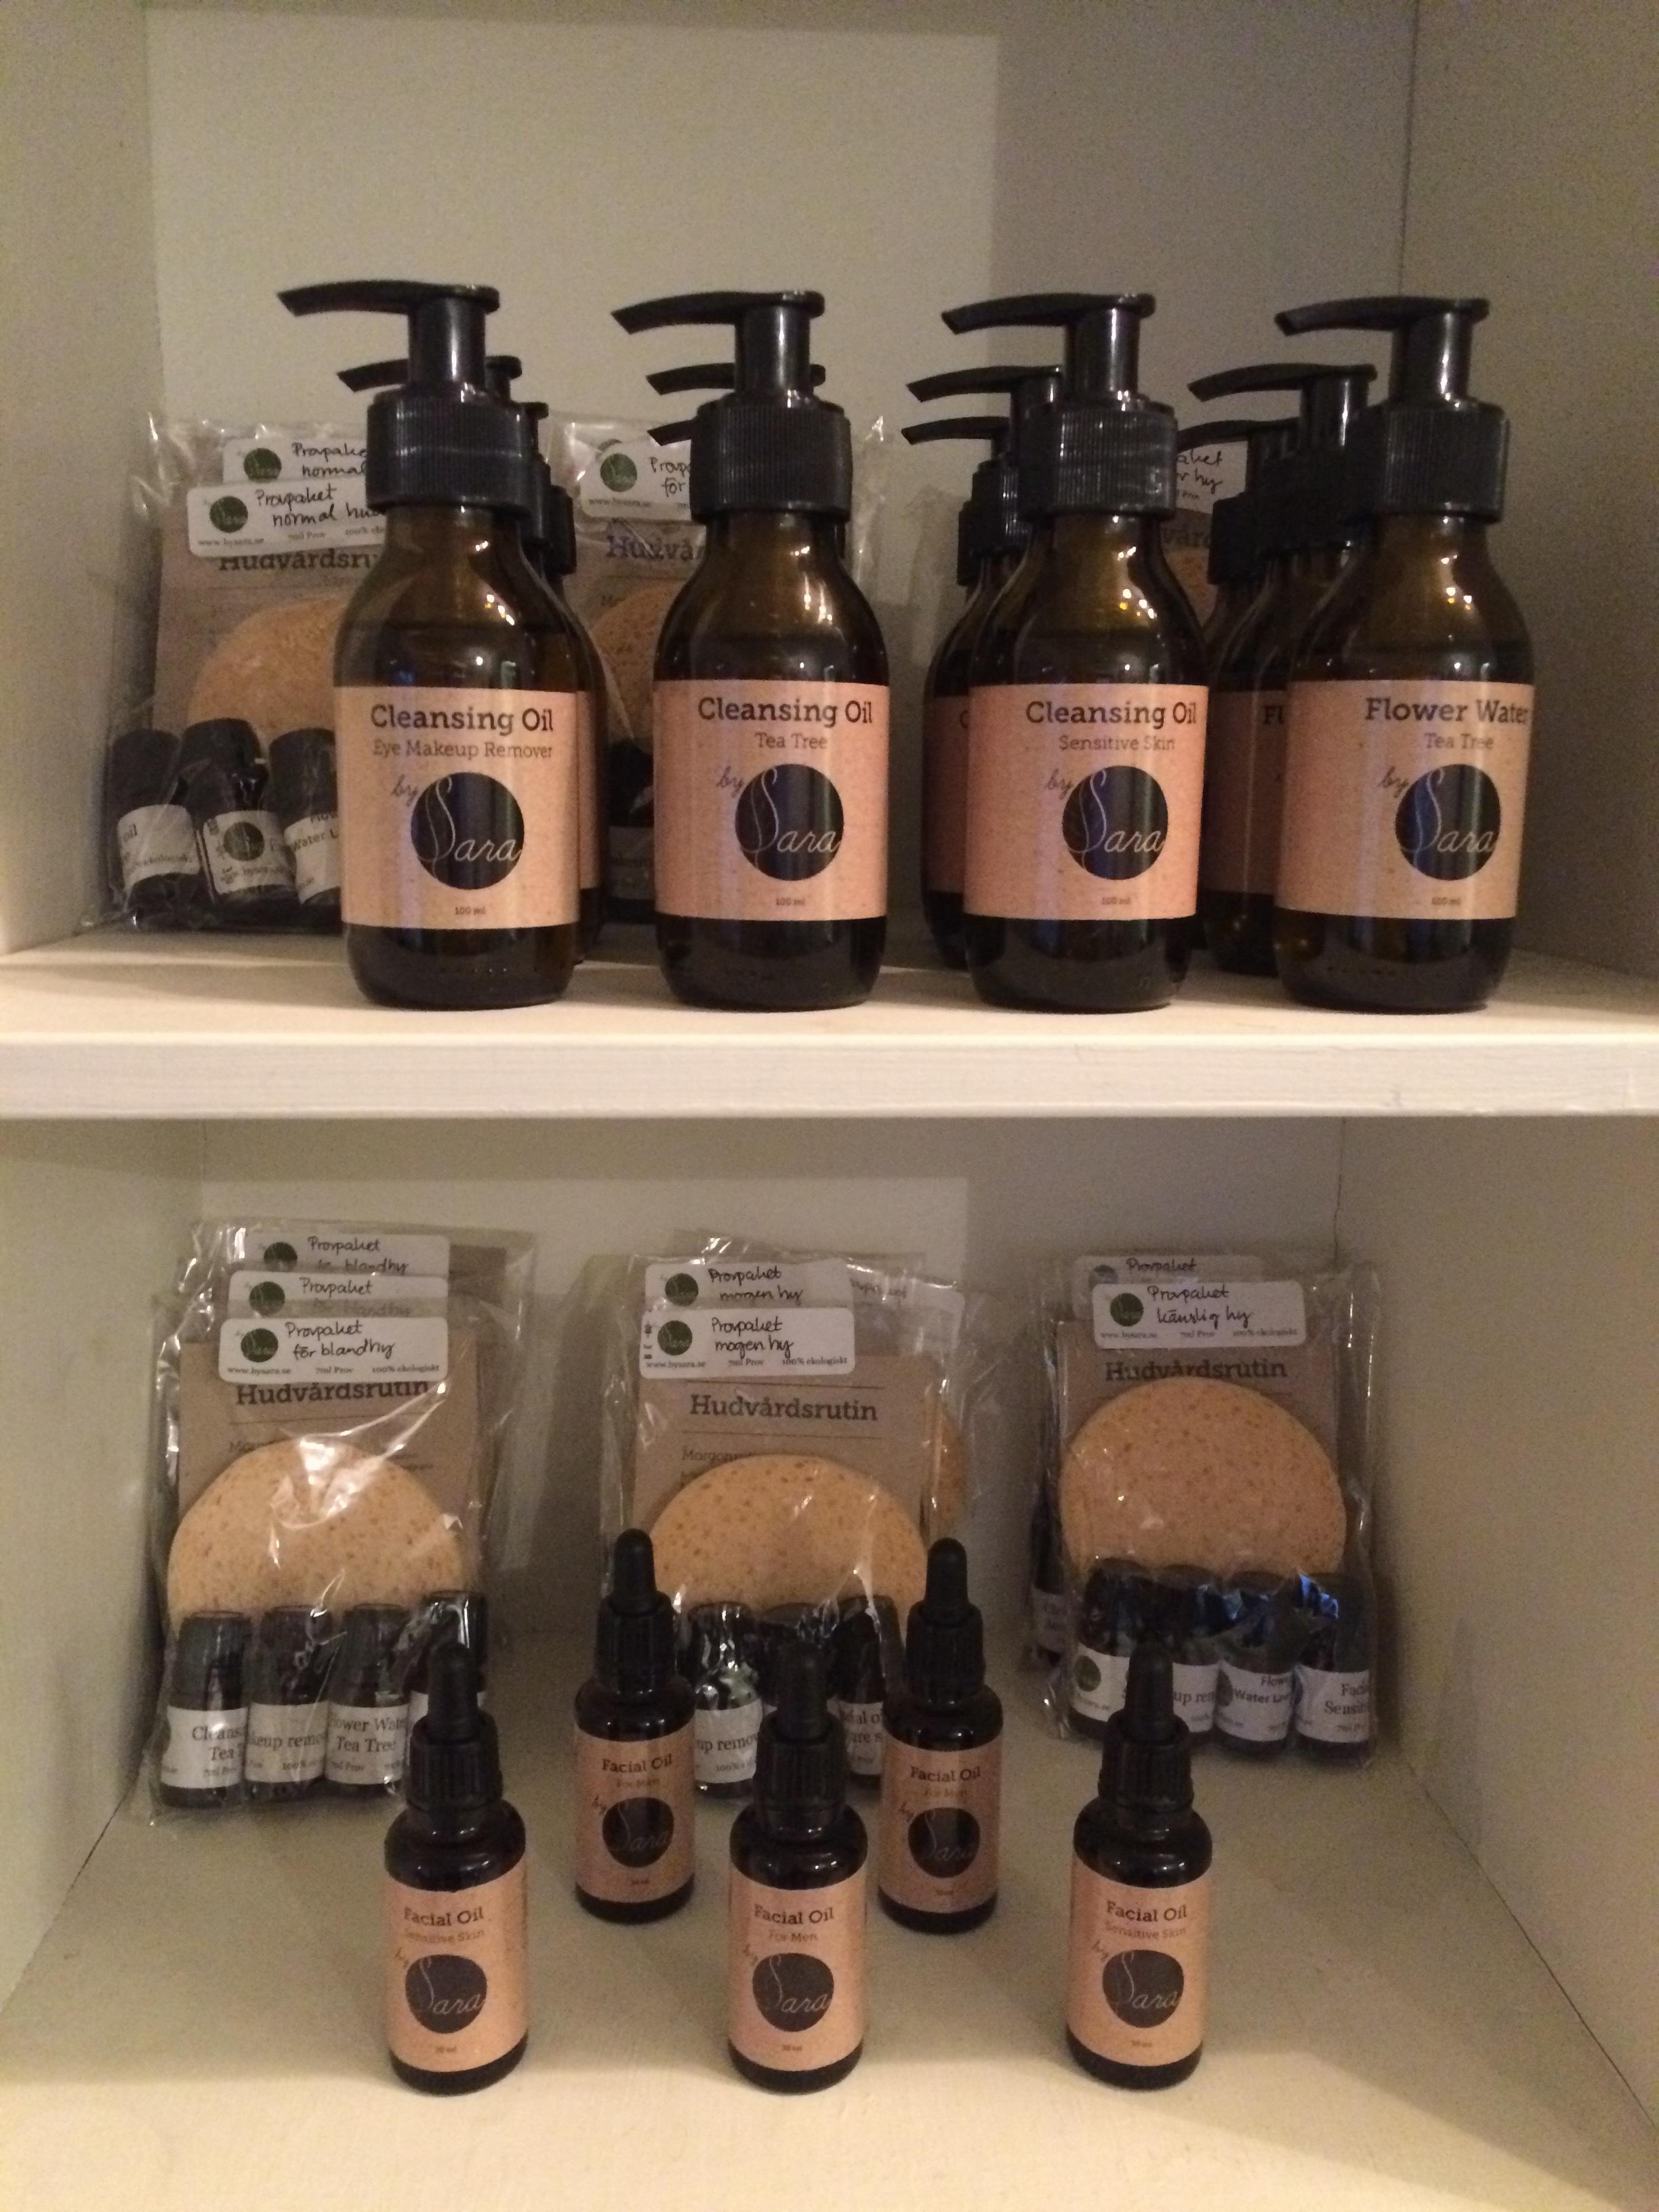 organic bytara fantastiska produkter - finns nu i hos oss!